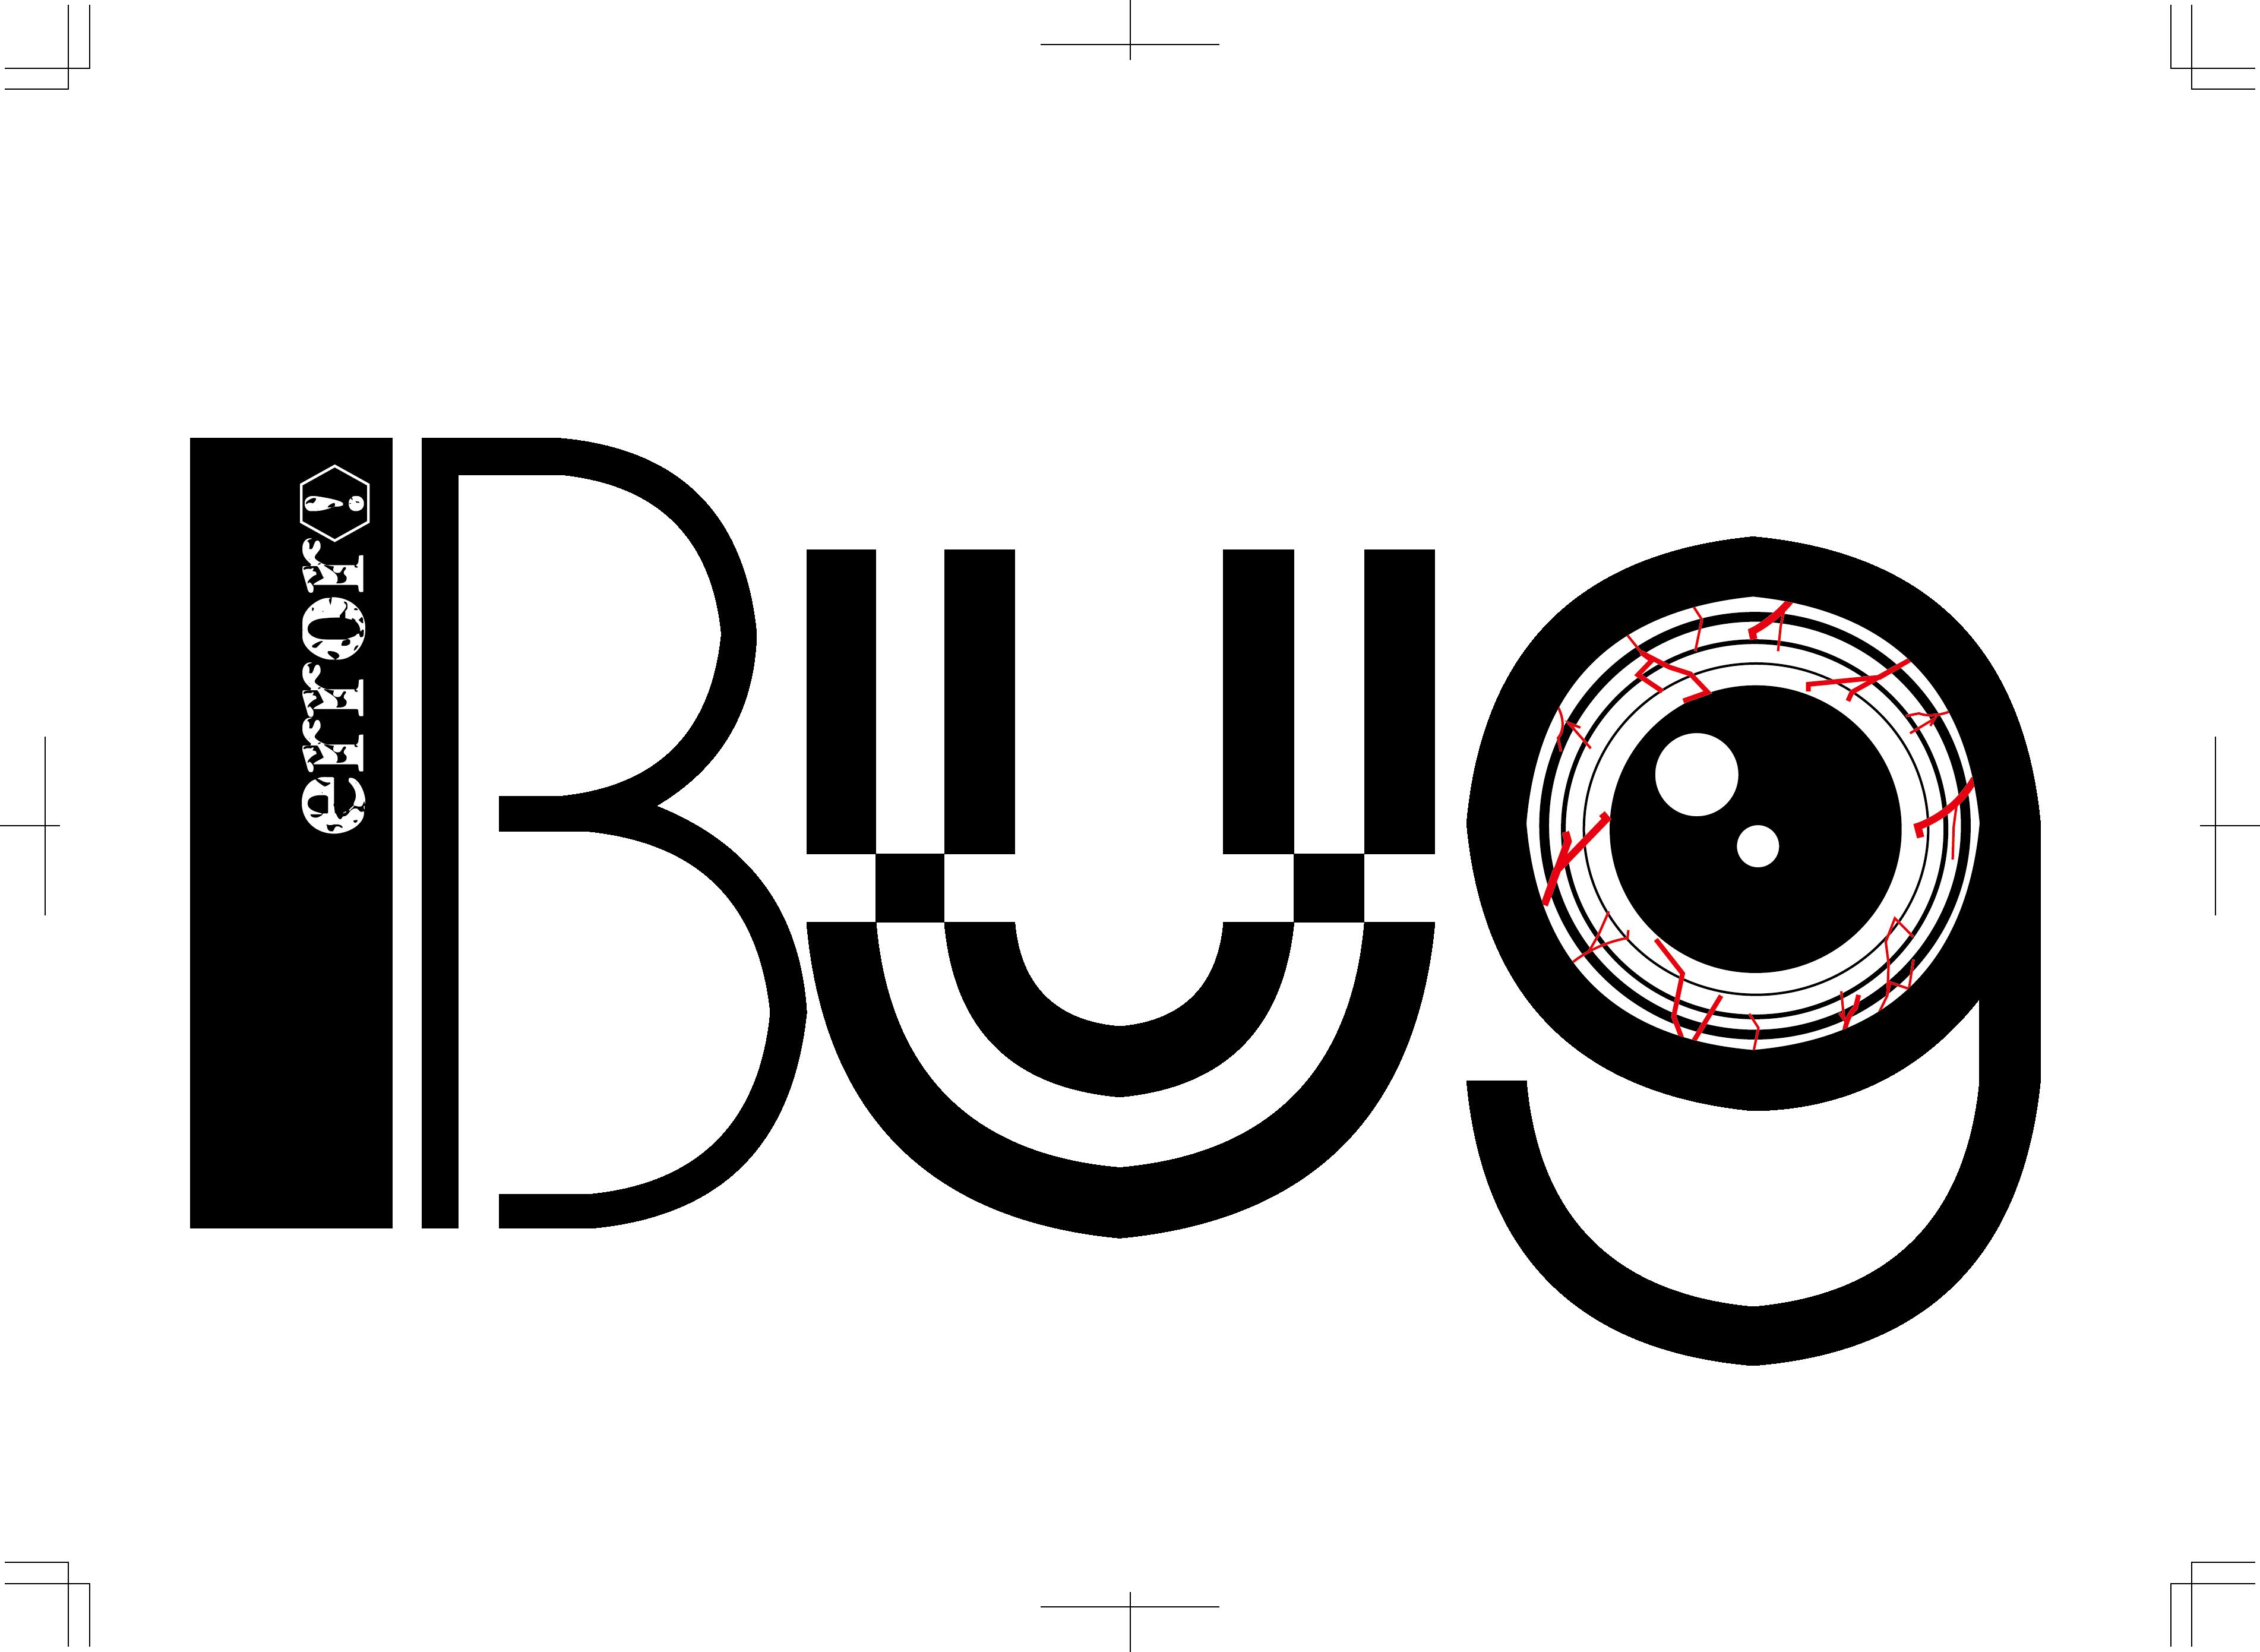 オーディション ロック系アイドルグループ「bug」スターティングメンバー募集 主催:enjoy music合同会社、カテゴリ:アイドル(元気系)